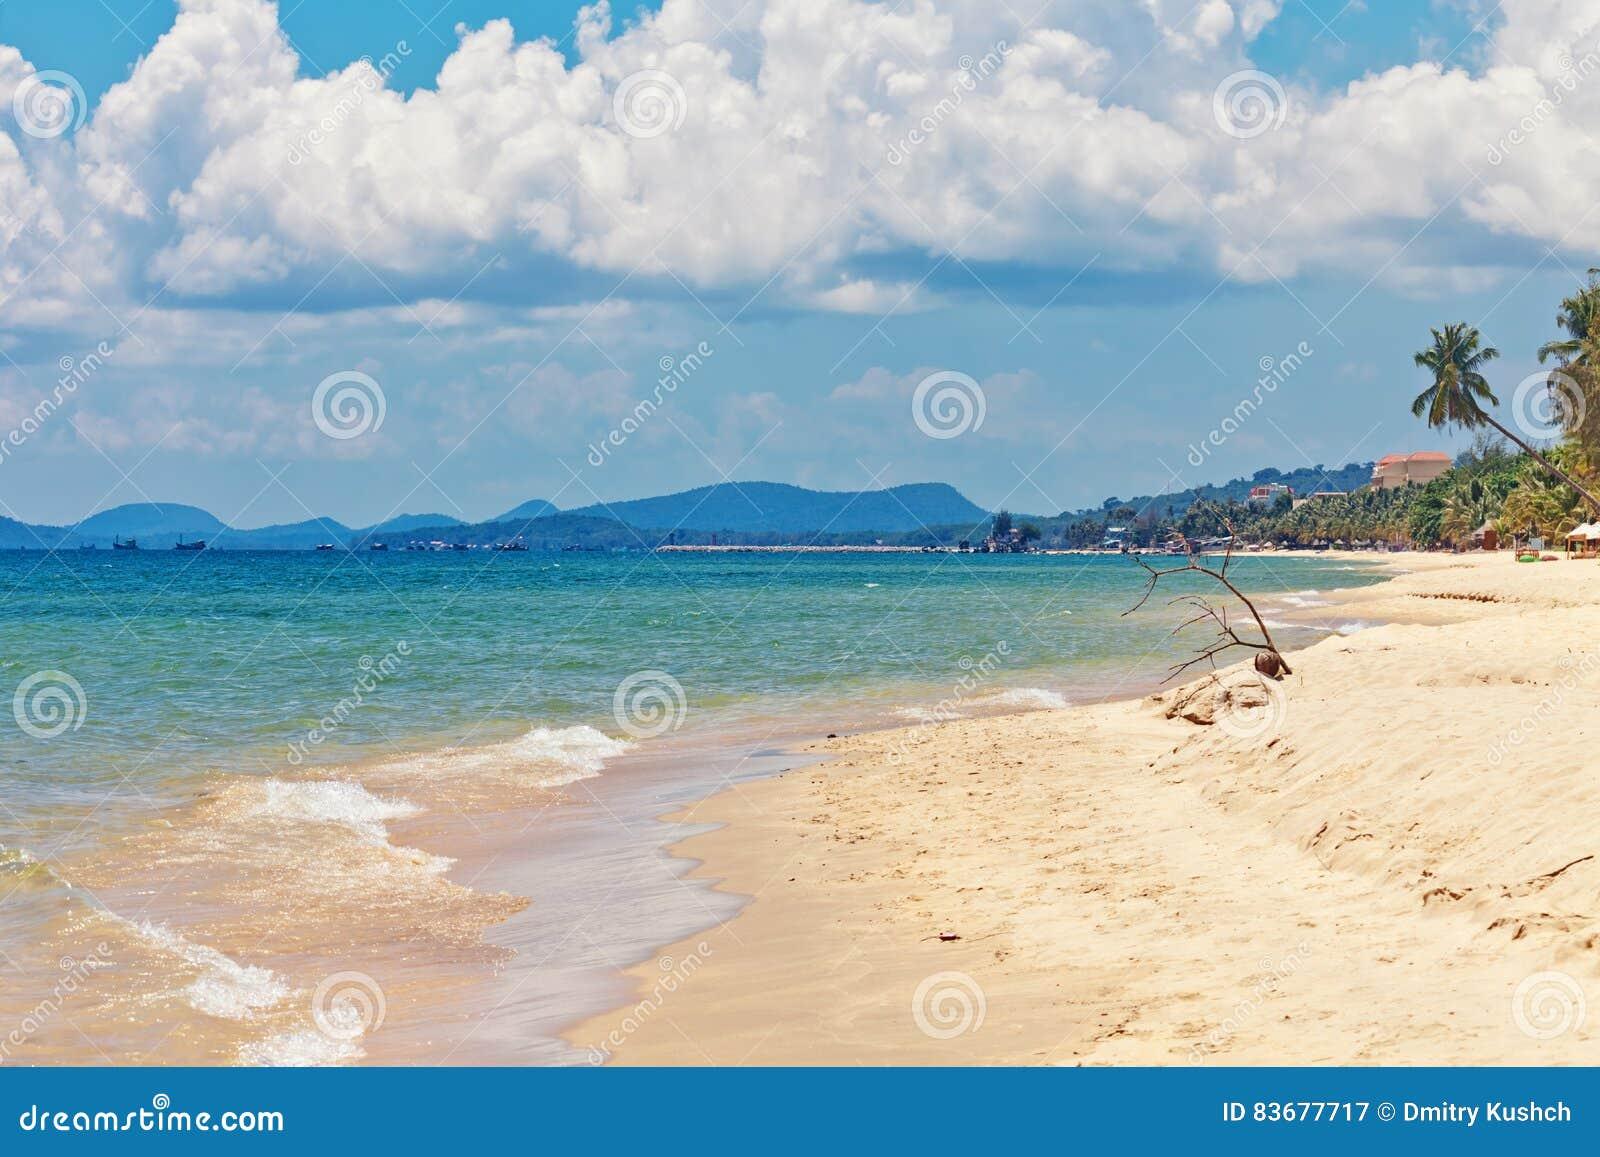 Exotischer tropischer Strand